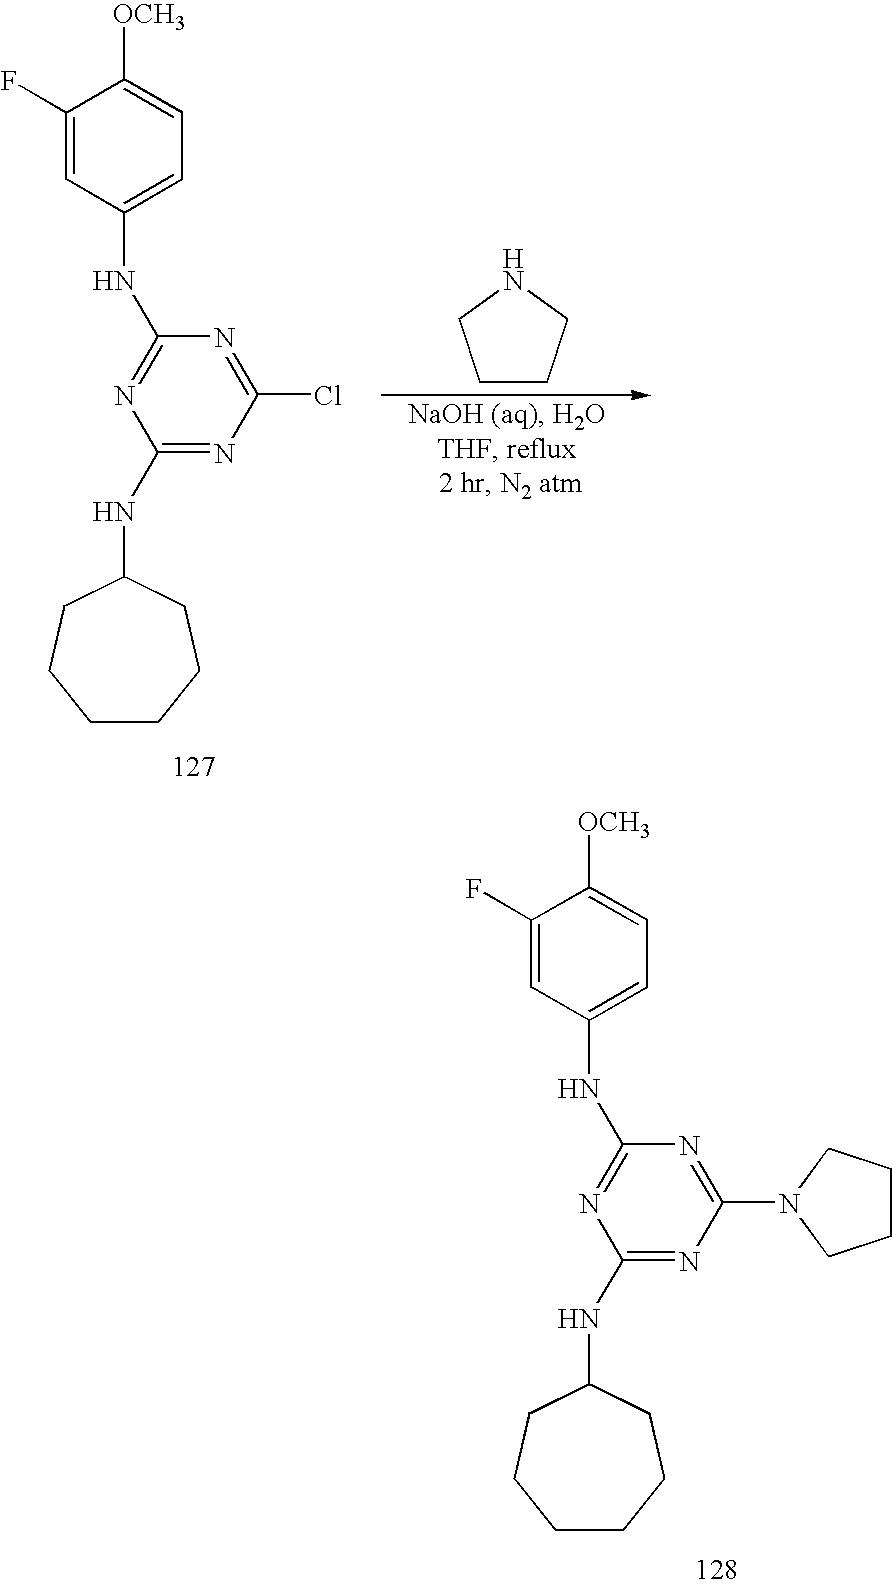 Figure US20050113341A1-20050526-C00155